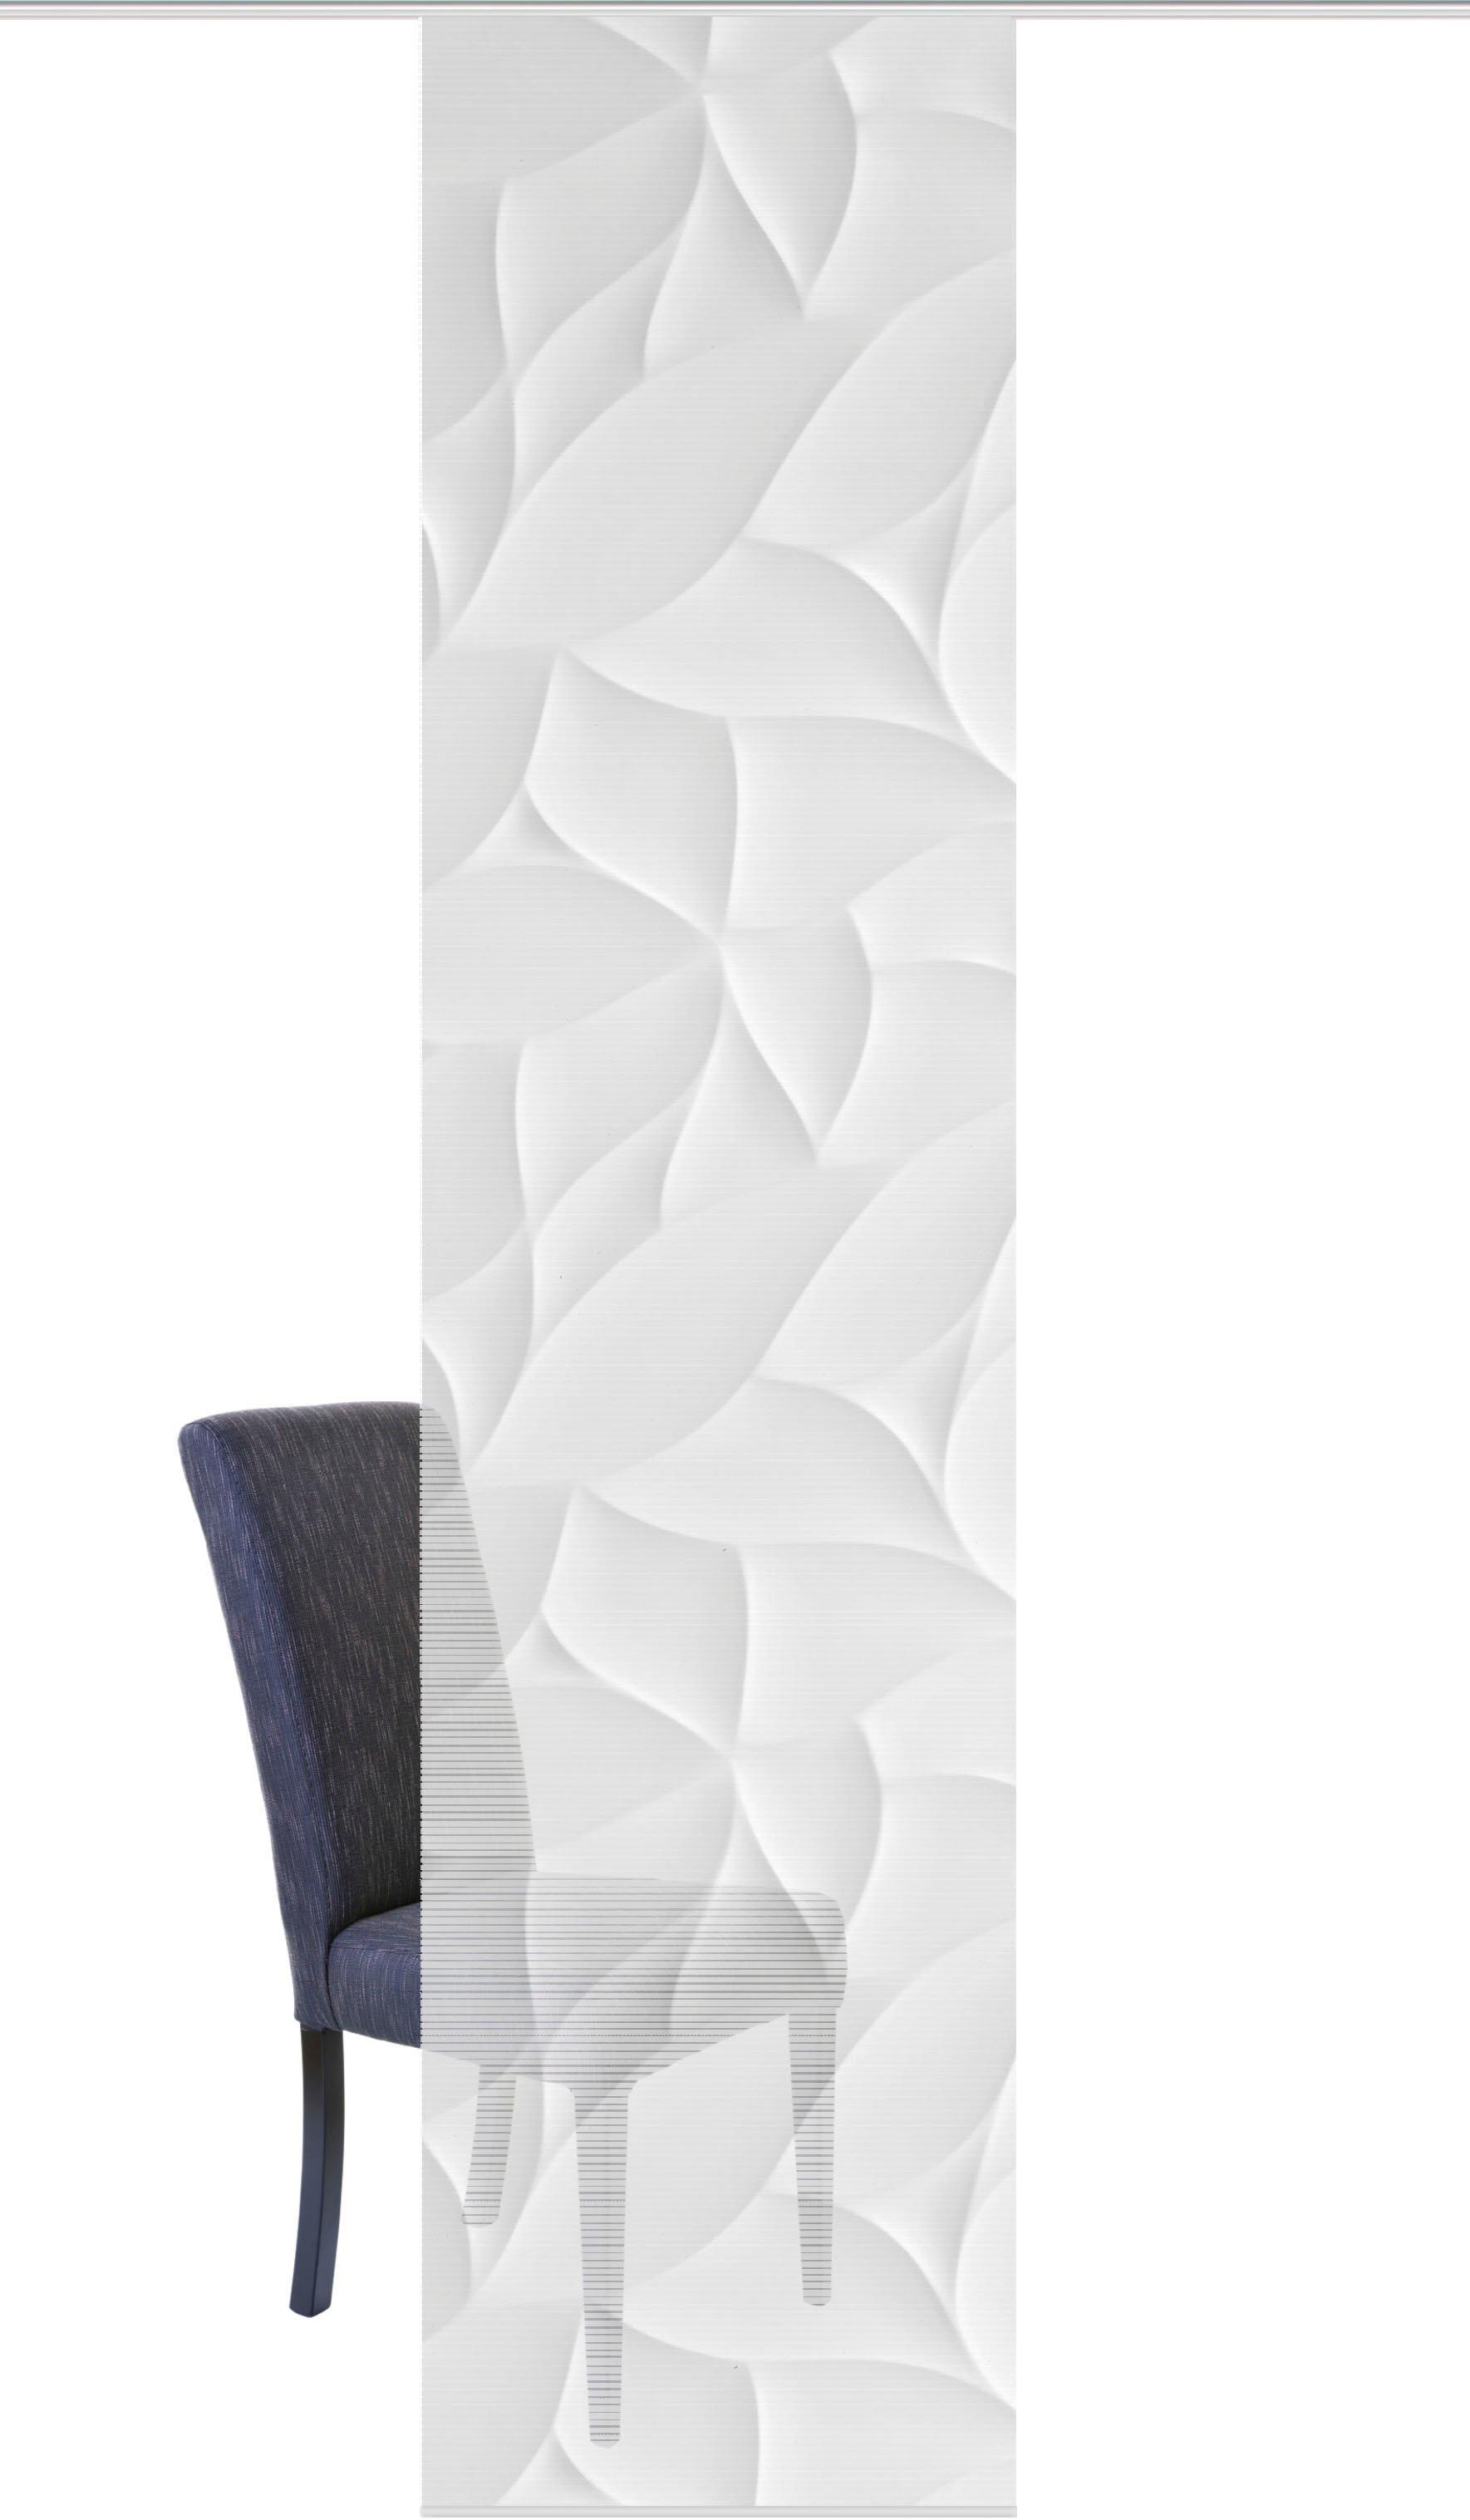 Vision paneelgordijn DIORI HxB: 260x60, BAMBOE LOOK (1 stuk) online kopen op otto.nl